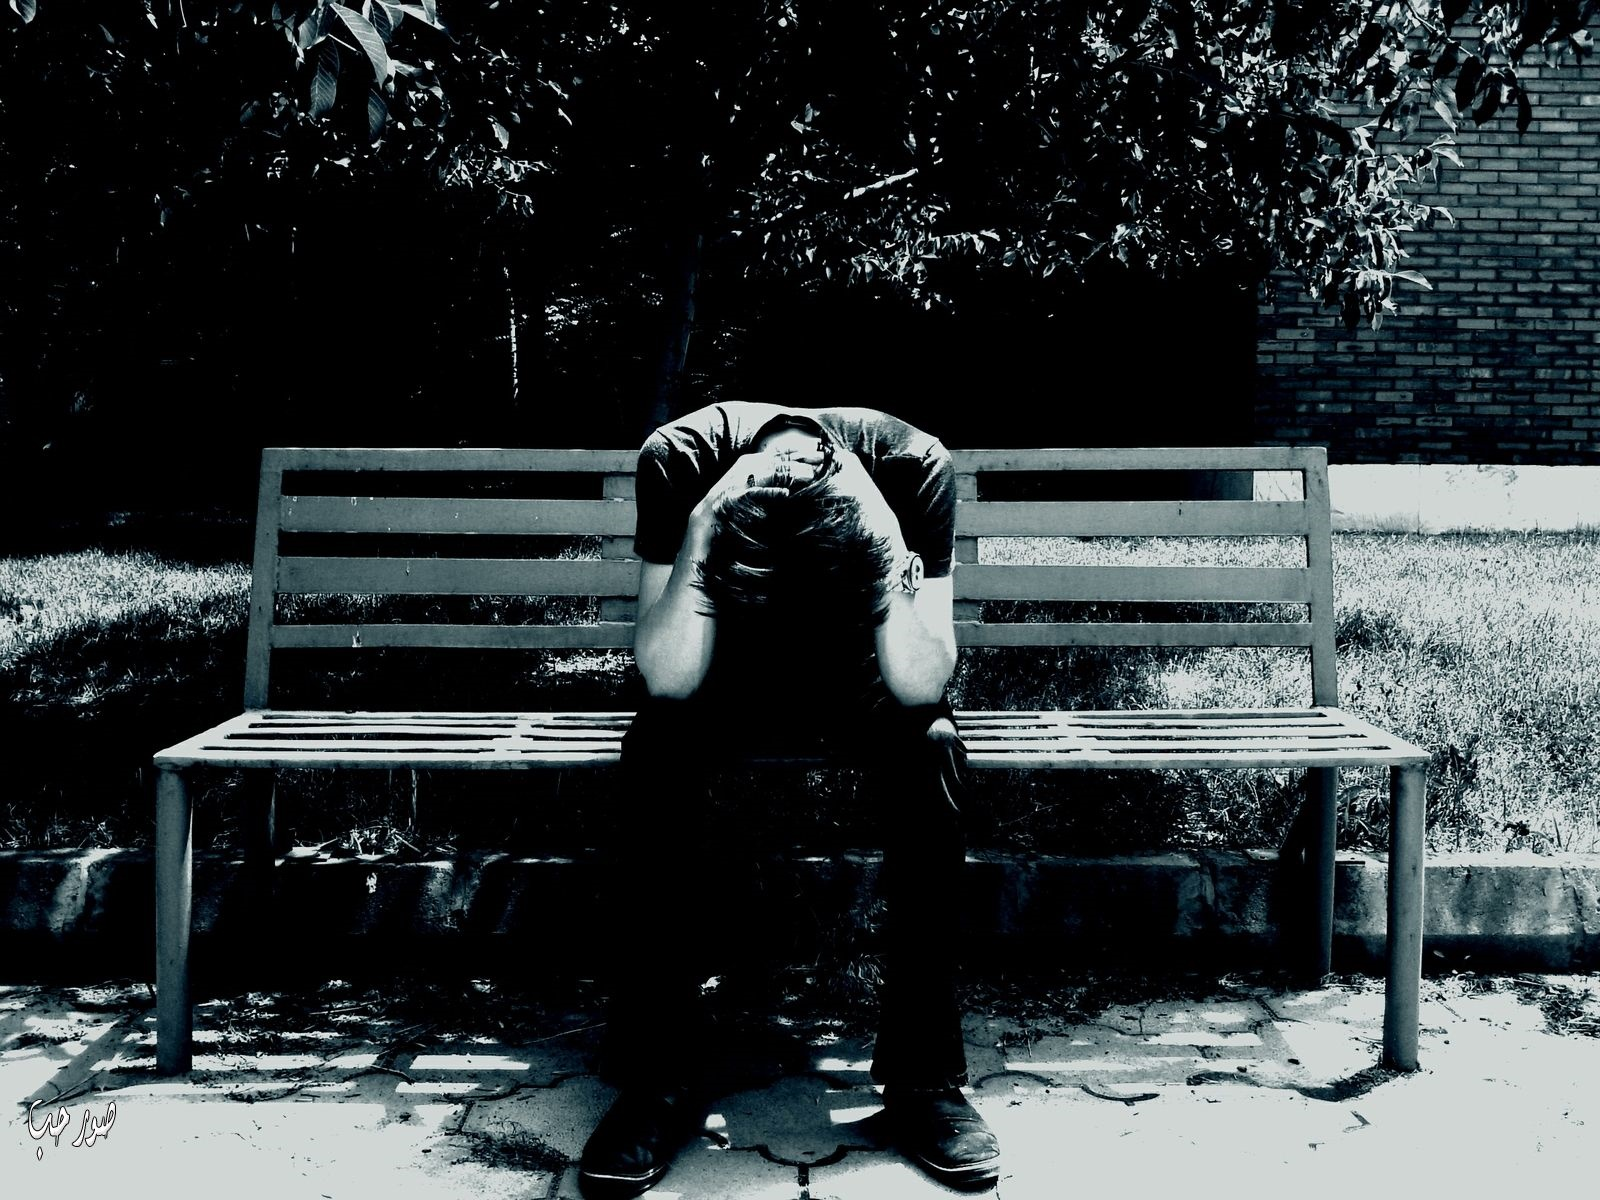 صور صور حزينه جدا , صور تعبر عن الحزن